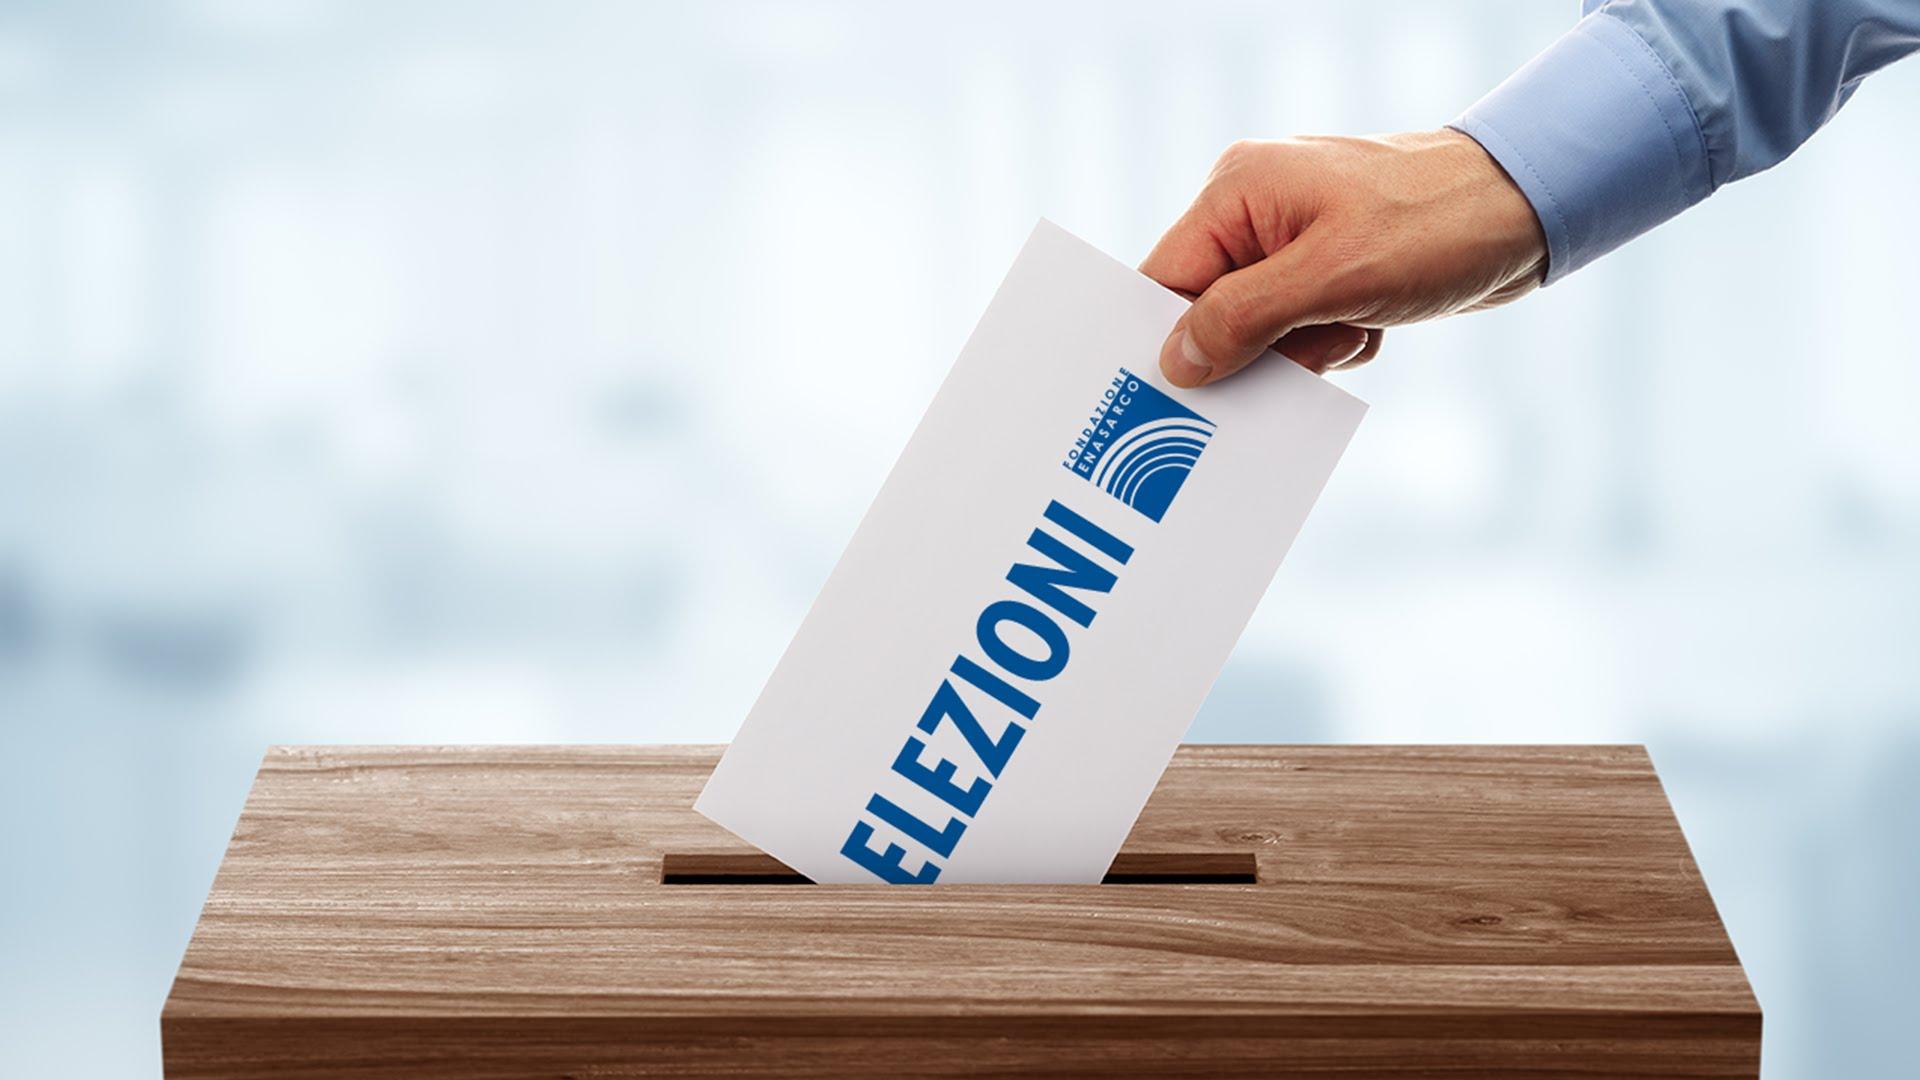 Elezioni: si voterà anche in ospedale, ecco le norme anti-Covid